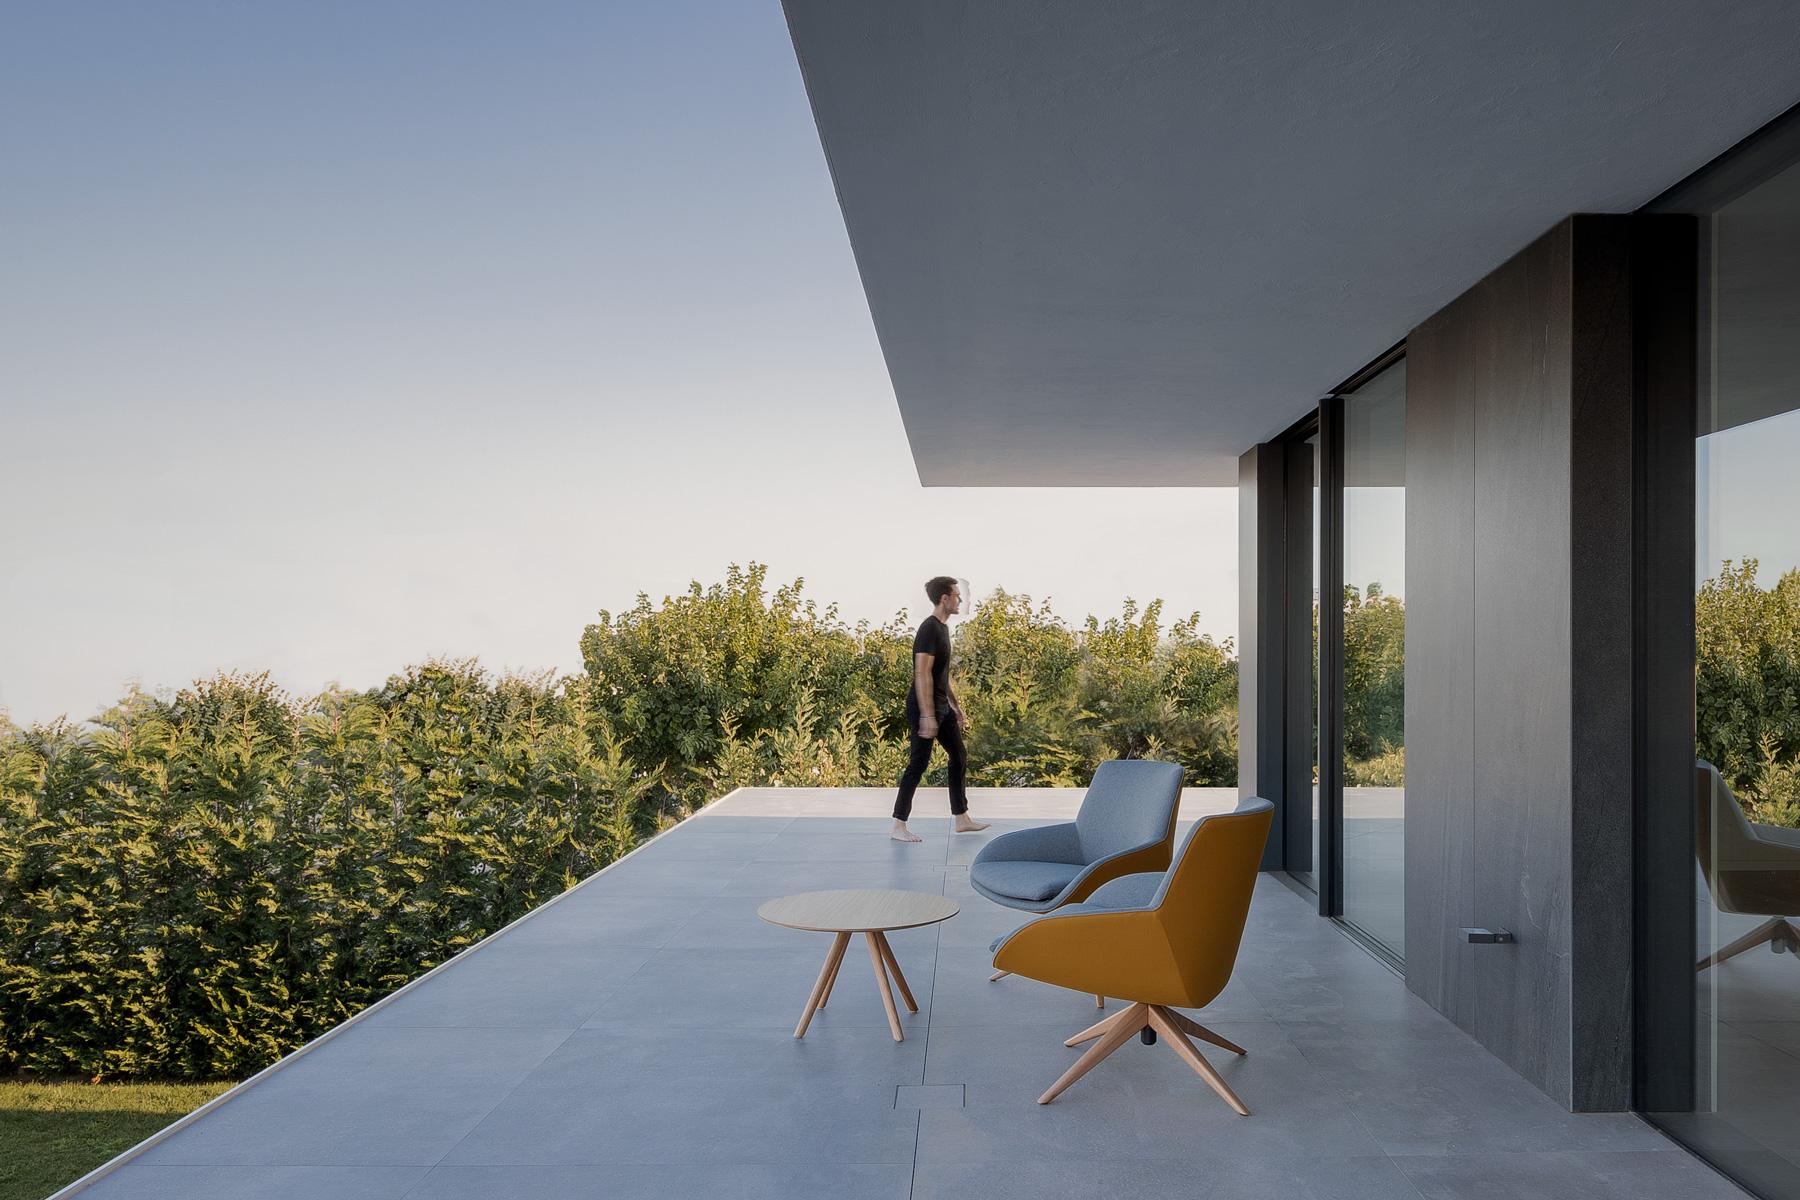 Terraza minimalista en casa moderna